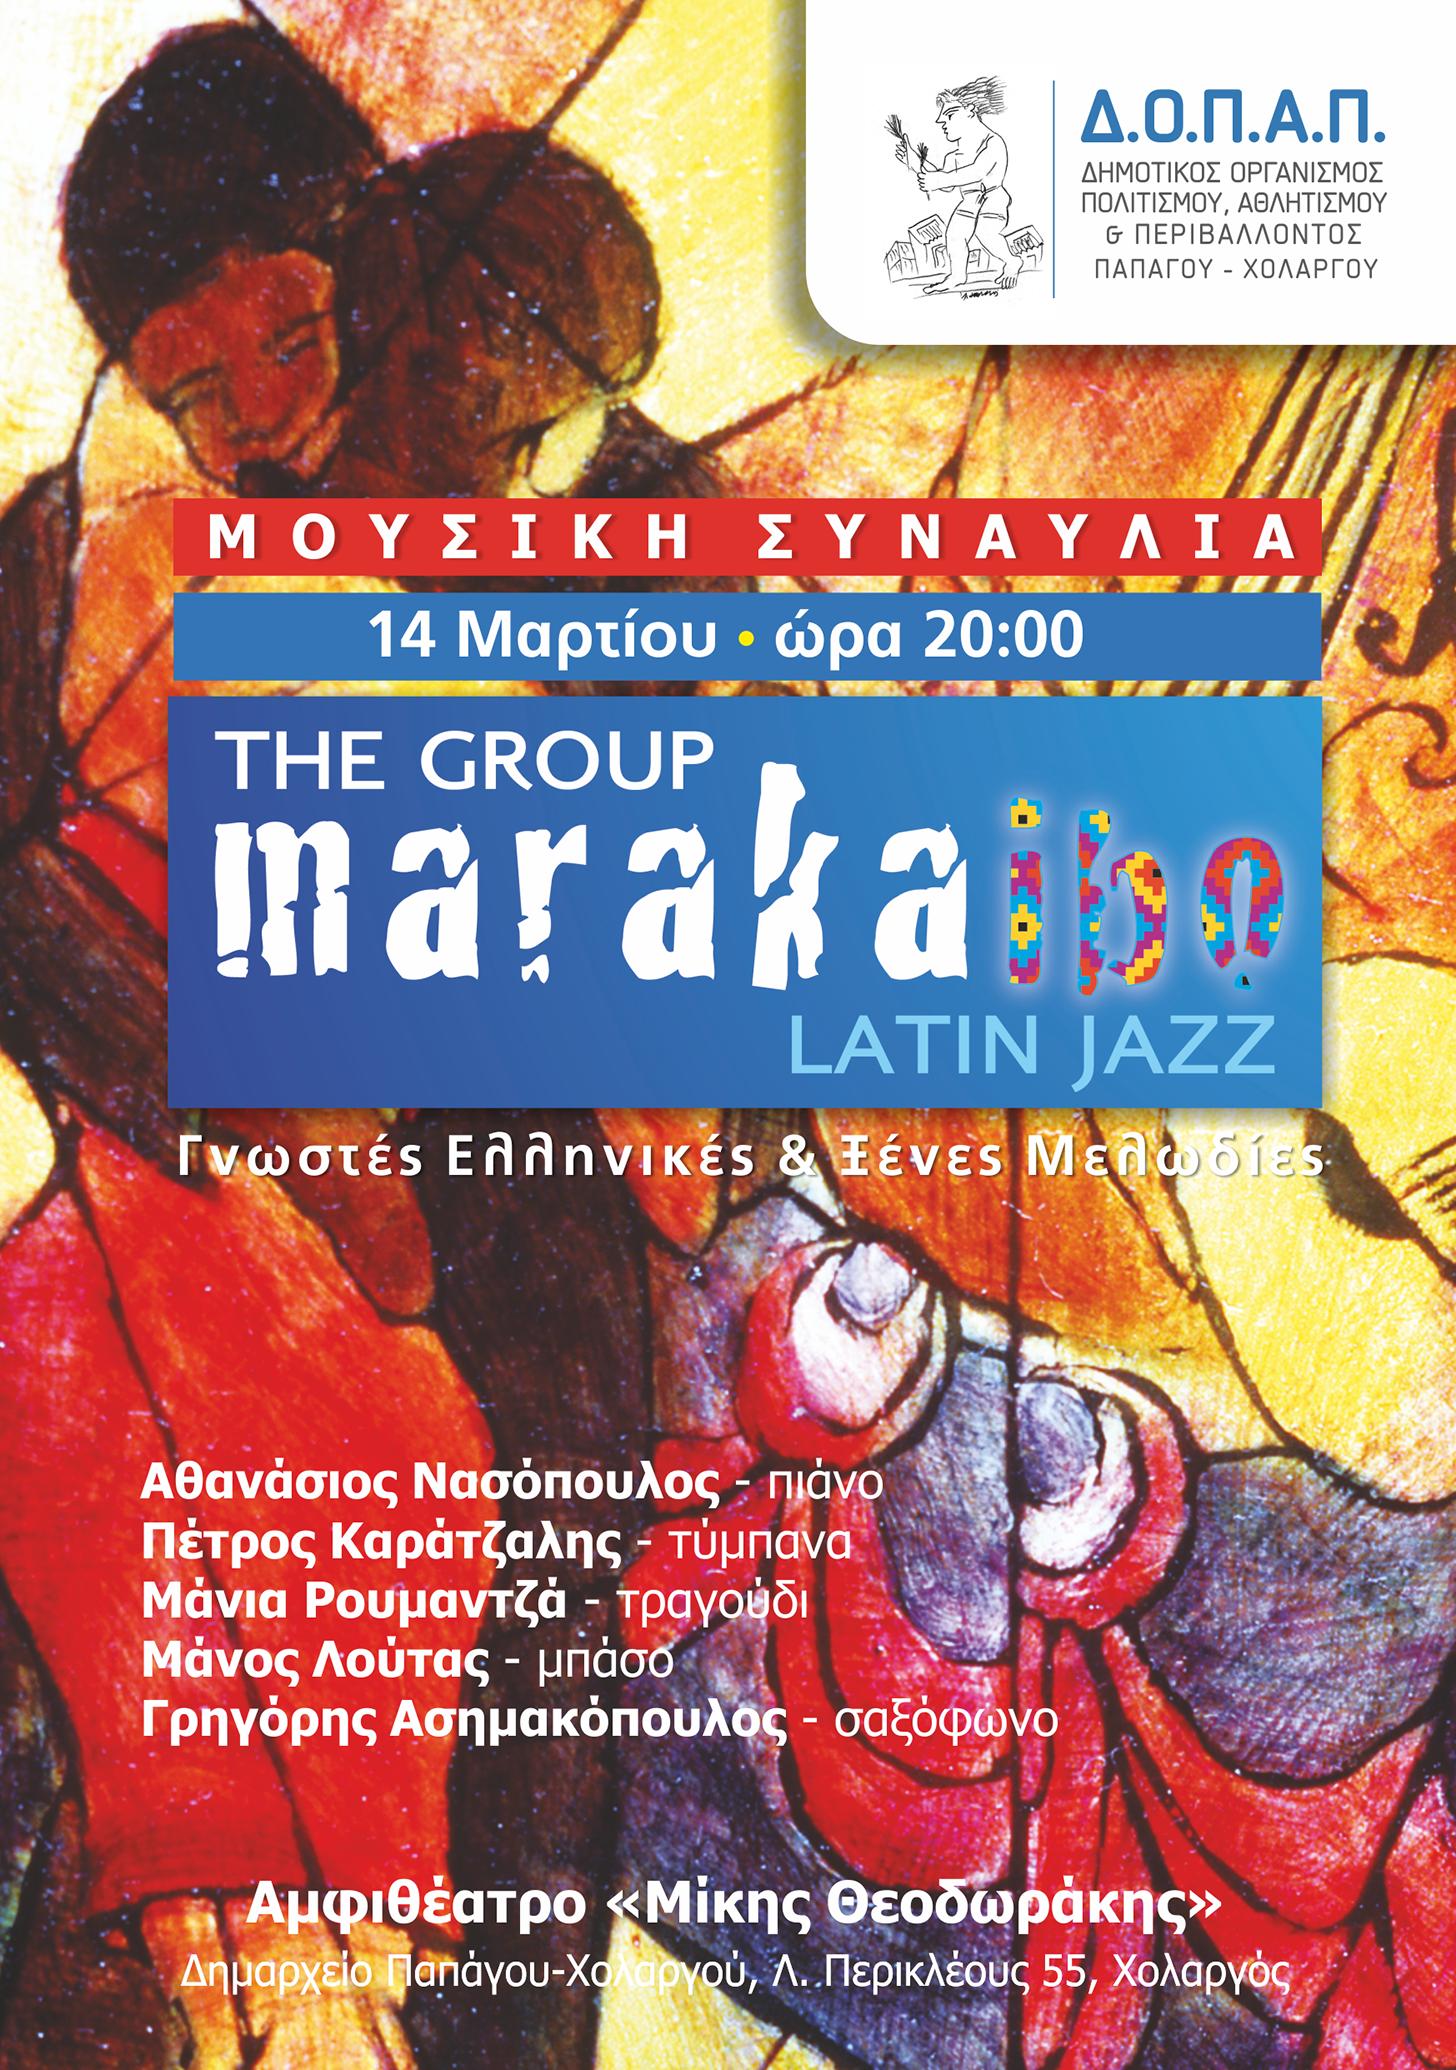 Βραδιά Λάτιν και Τζαζ από το ΔΟΠΑΠ στο Αμφιθέατρο Μίκης Θεοδωράκης